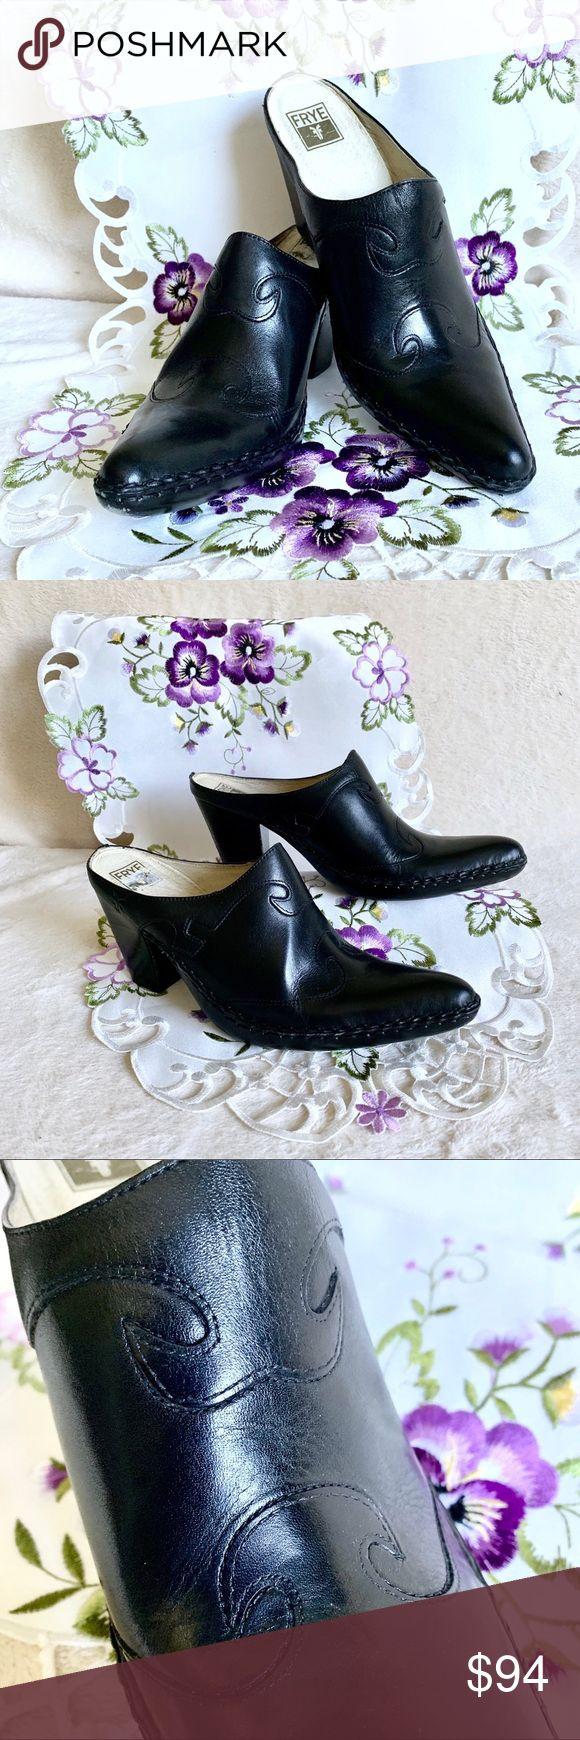 Frye Schuhe | Frye Phoenix Pantoletten Größe 8.5 In Schwarz | Farbe: Schwarz | Größe: 8.5